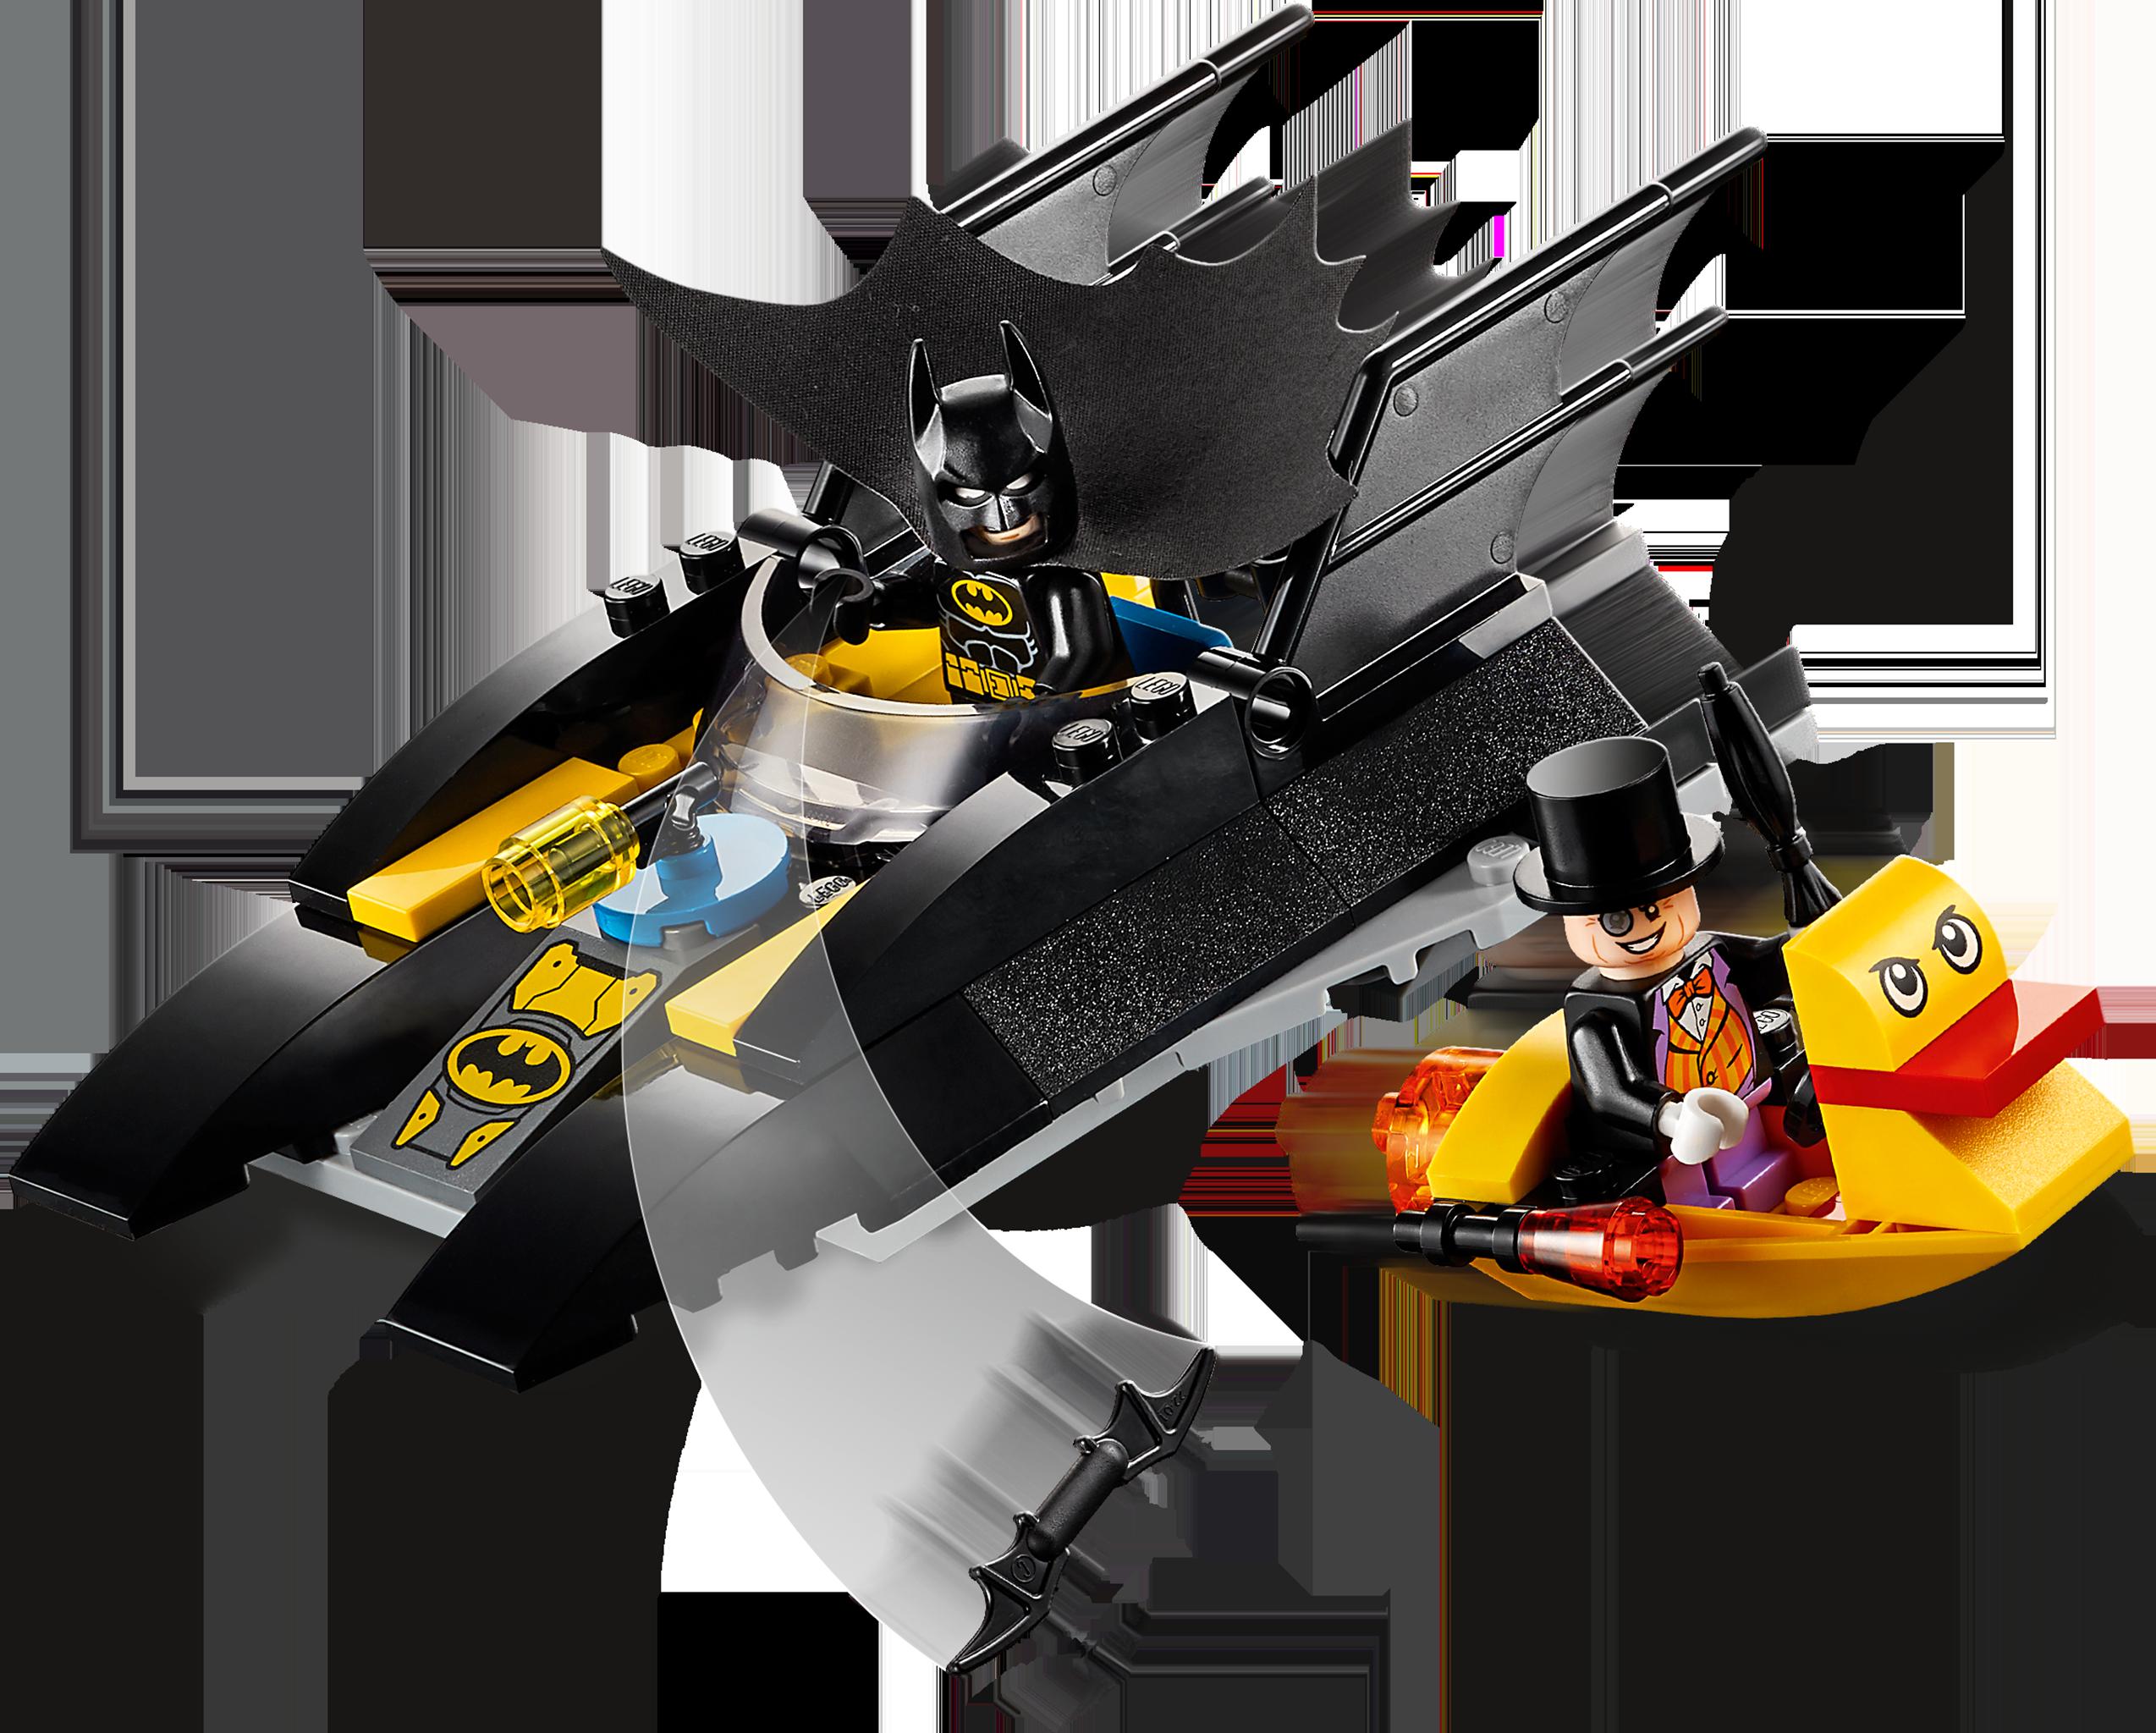 Batboat The Penguin Pursuit 76158 Batman Buy Online At The Official Lego Shop Us